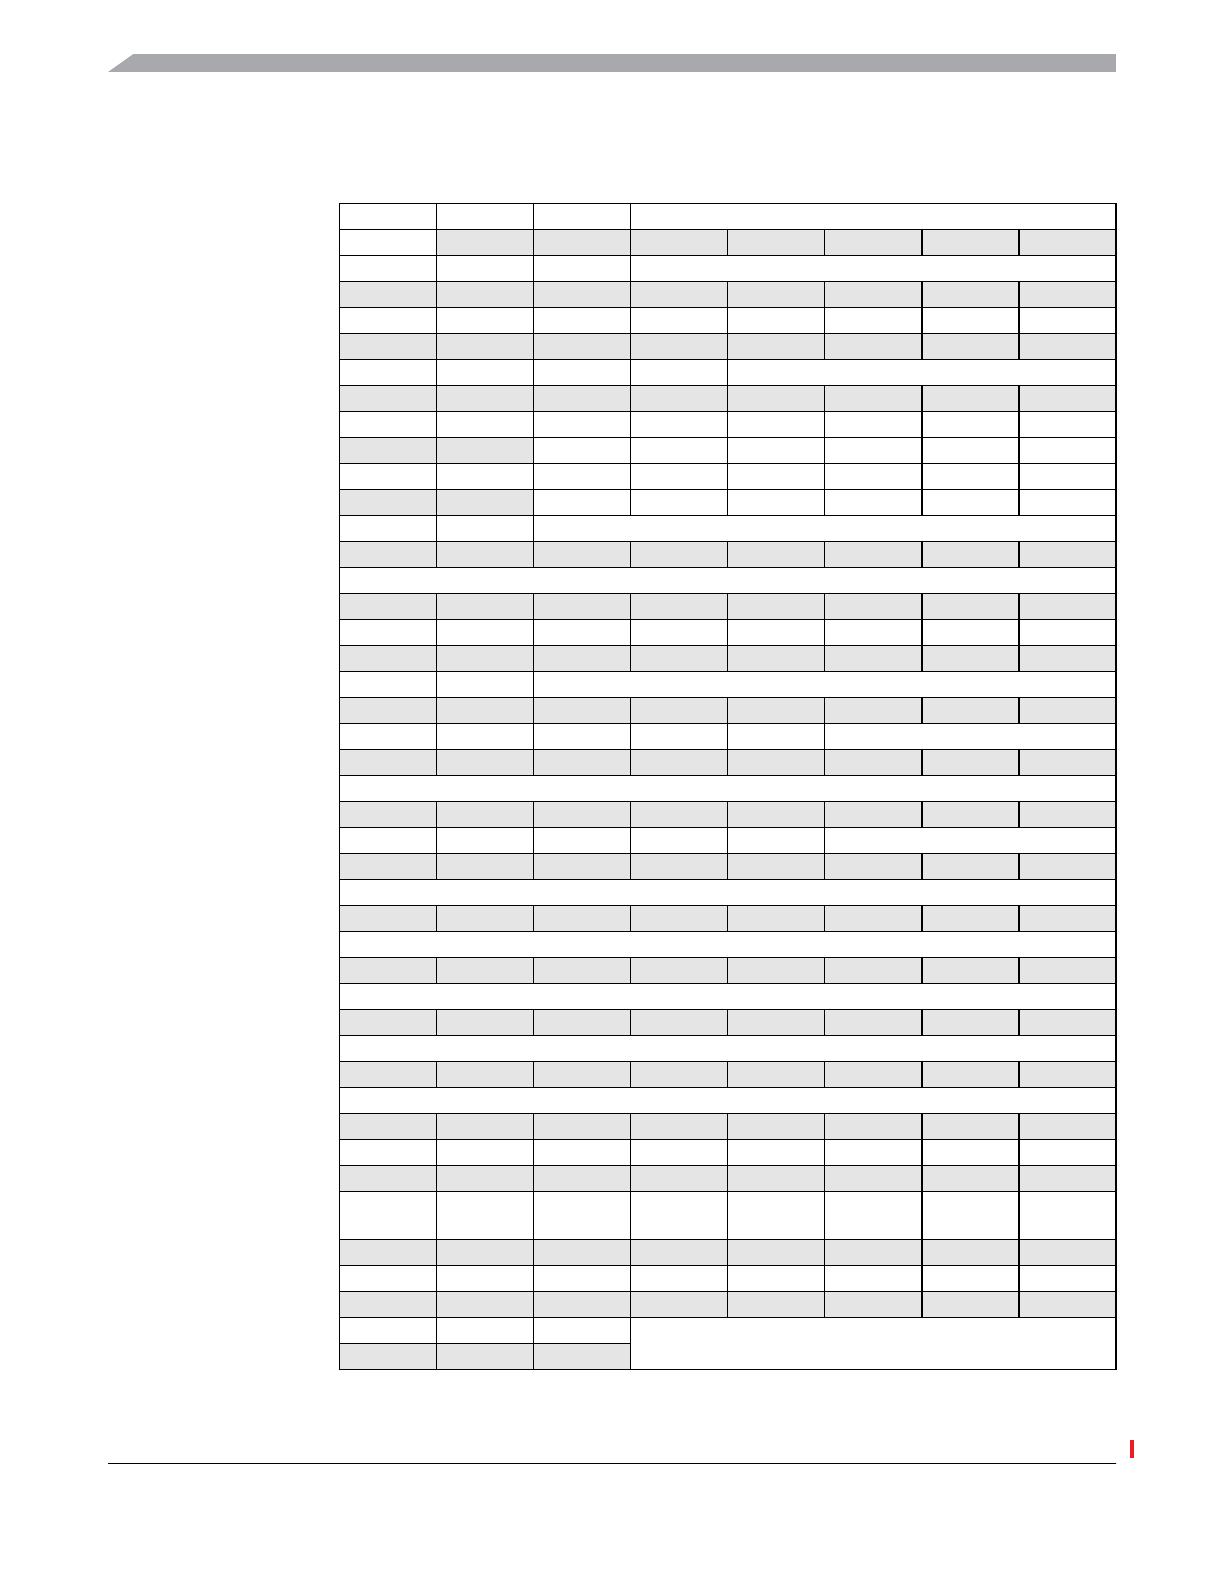 mc9<strong>s</strong>12xf512j0clmr pdf下载 mc9s12xf512j0clmr pdf